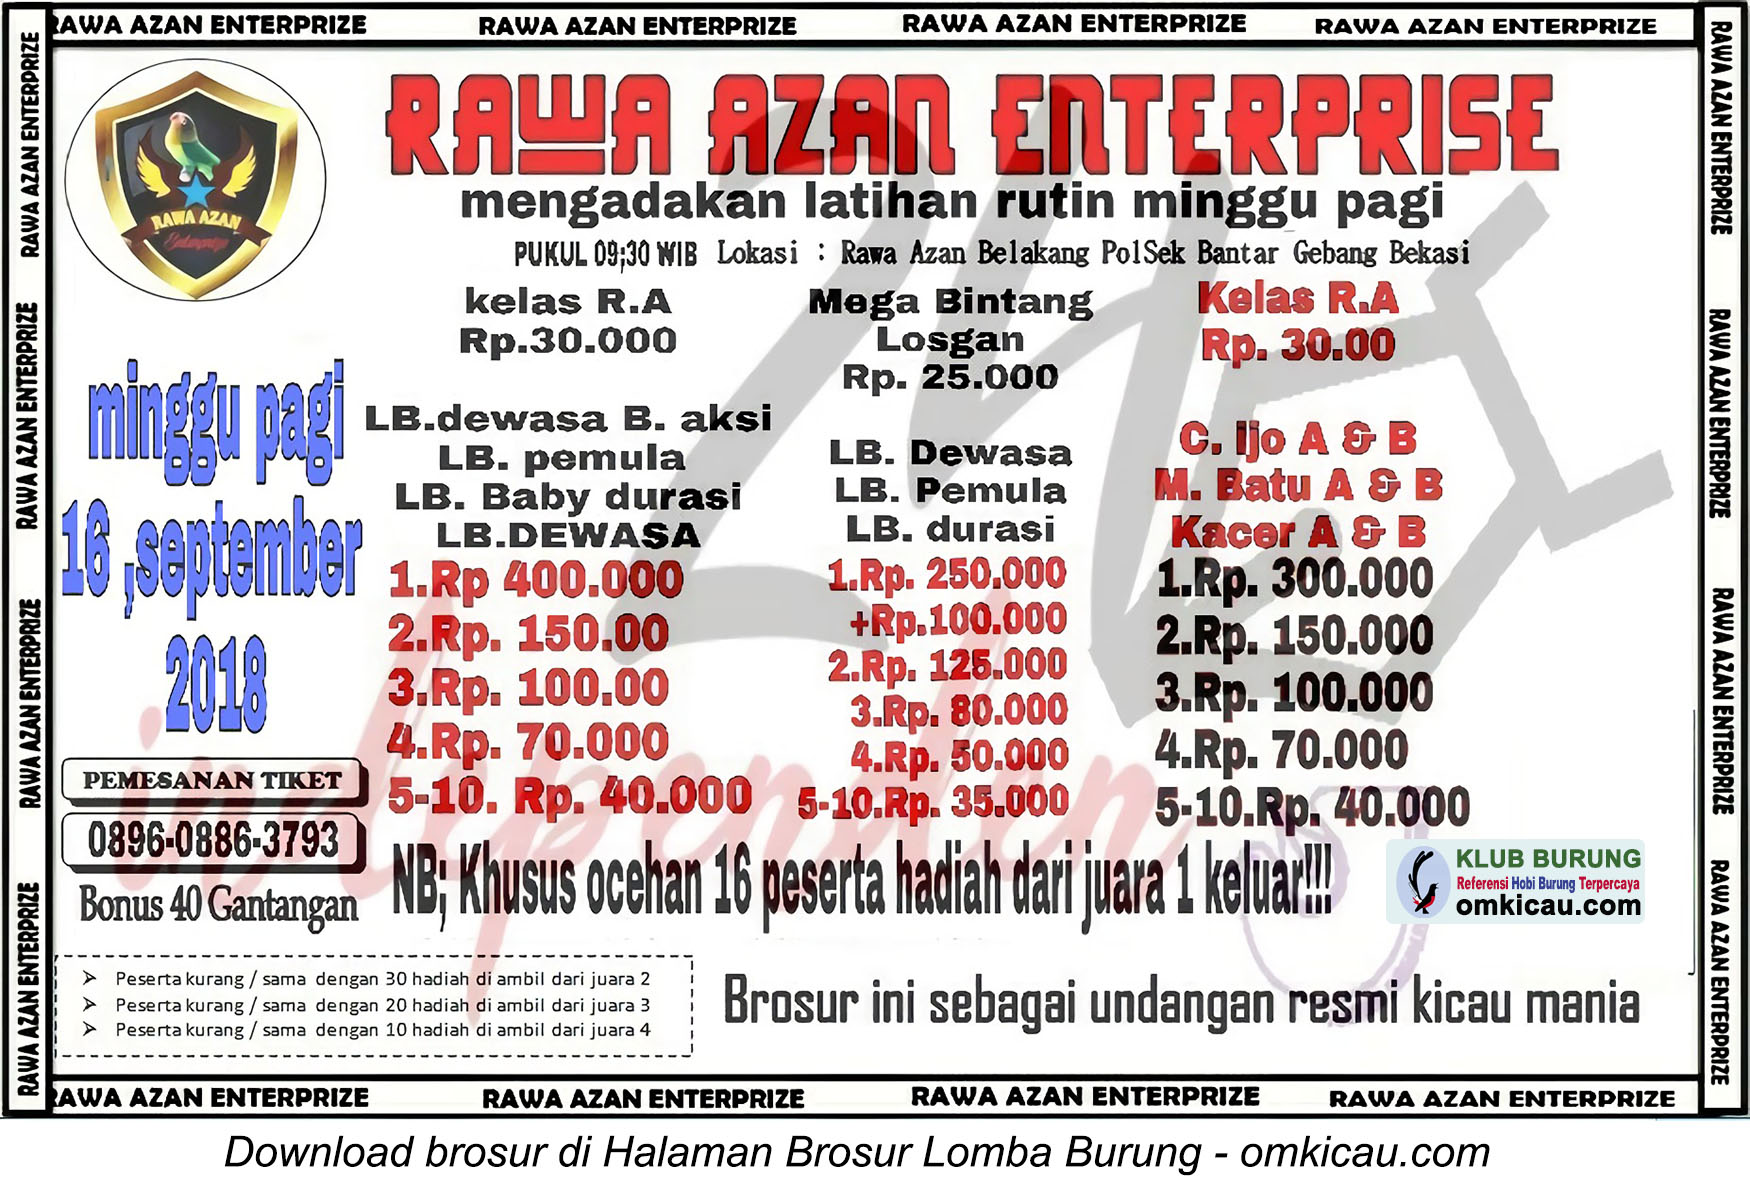 Latber Rawa Azan Enterprise